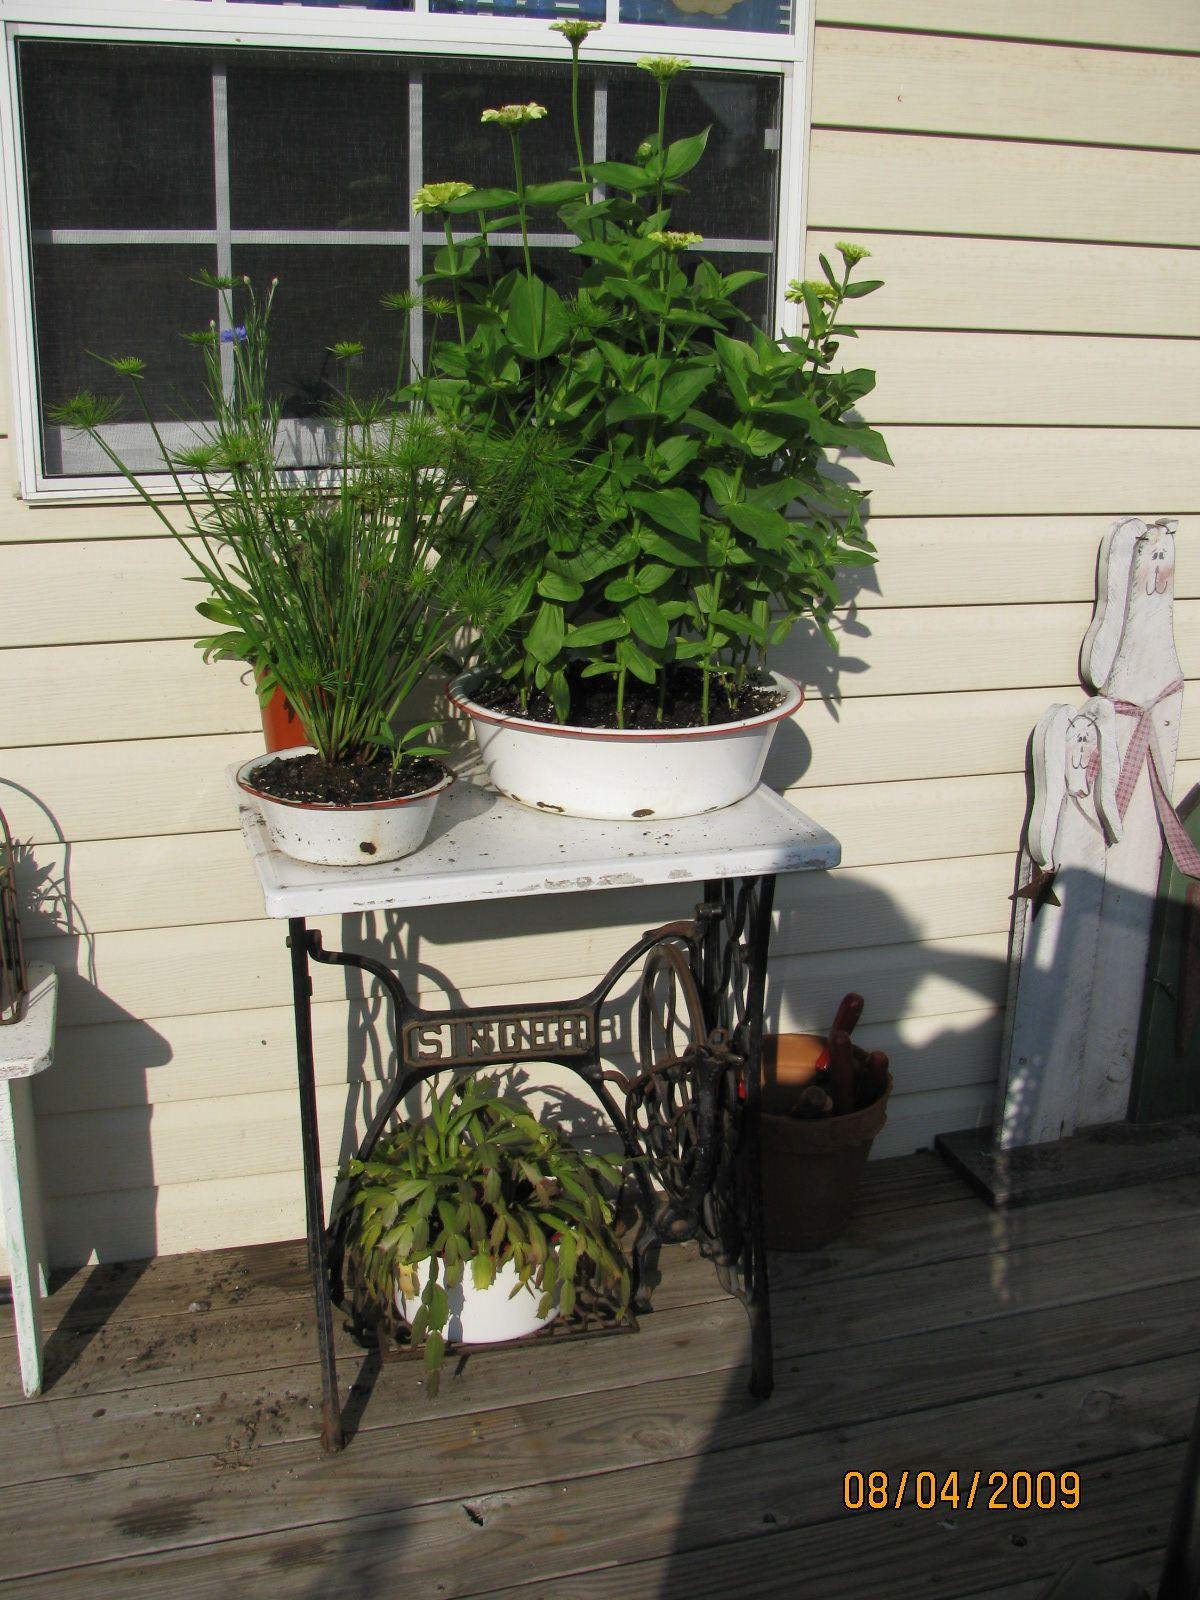 Home decor plants ideas  old enamel pots  Home Decor  Pinterest  Gardens Container